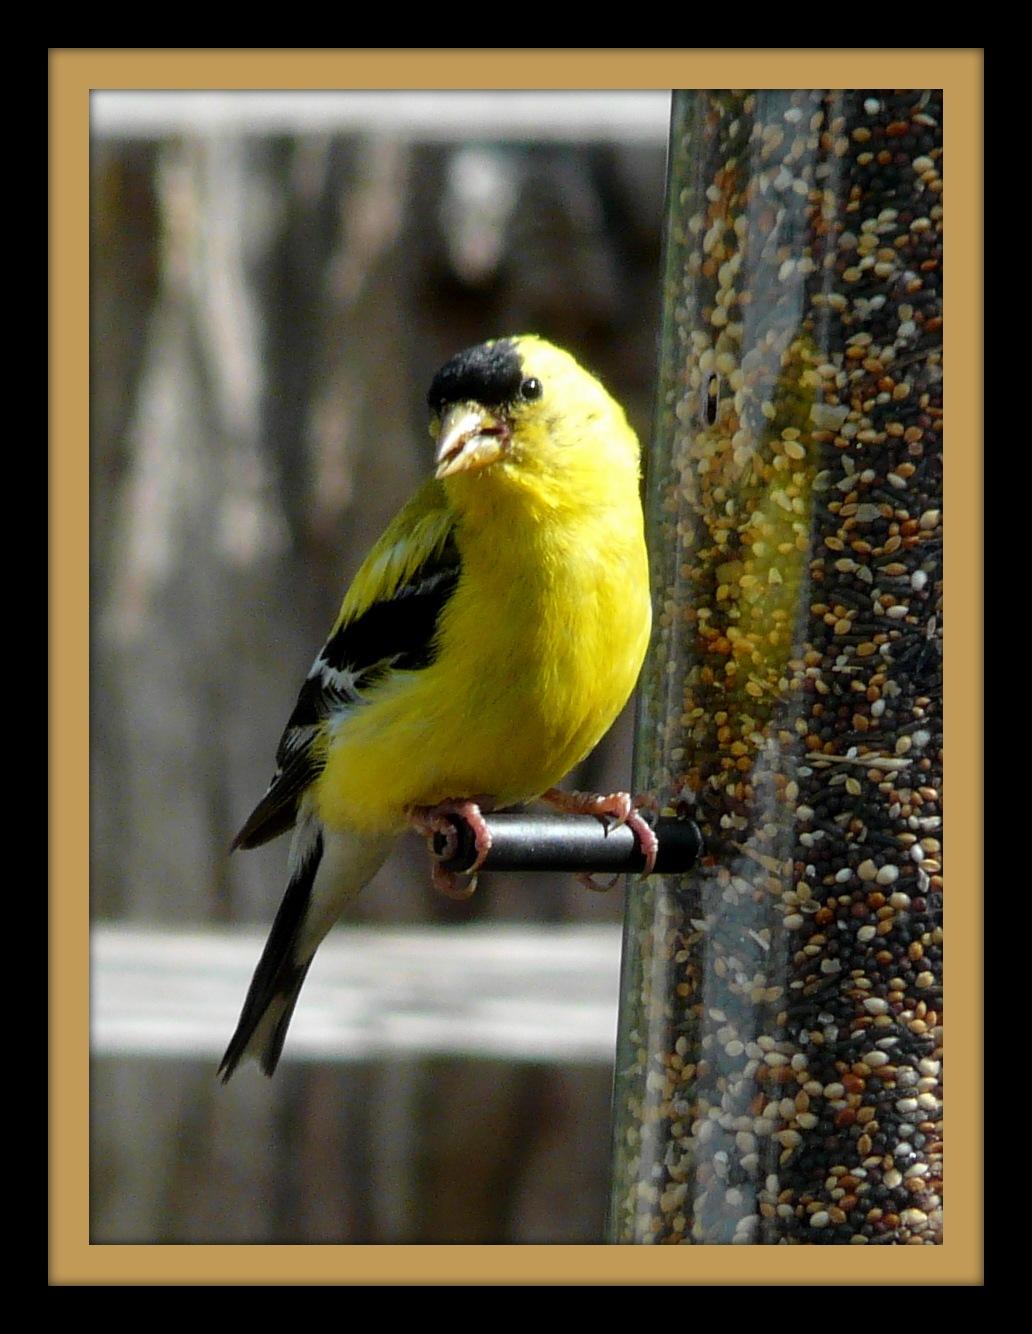 Tweety Bird #2 by marlene burt